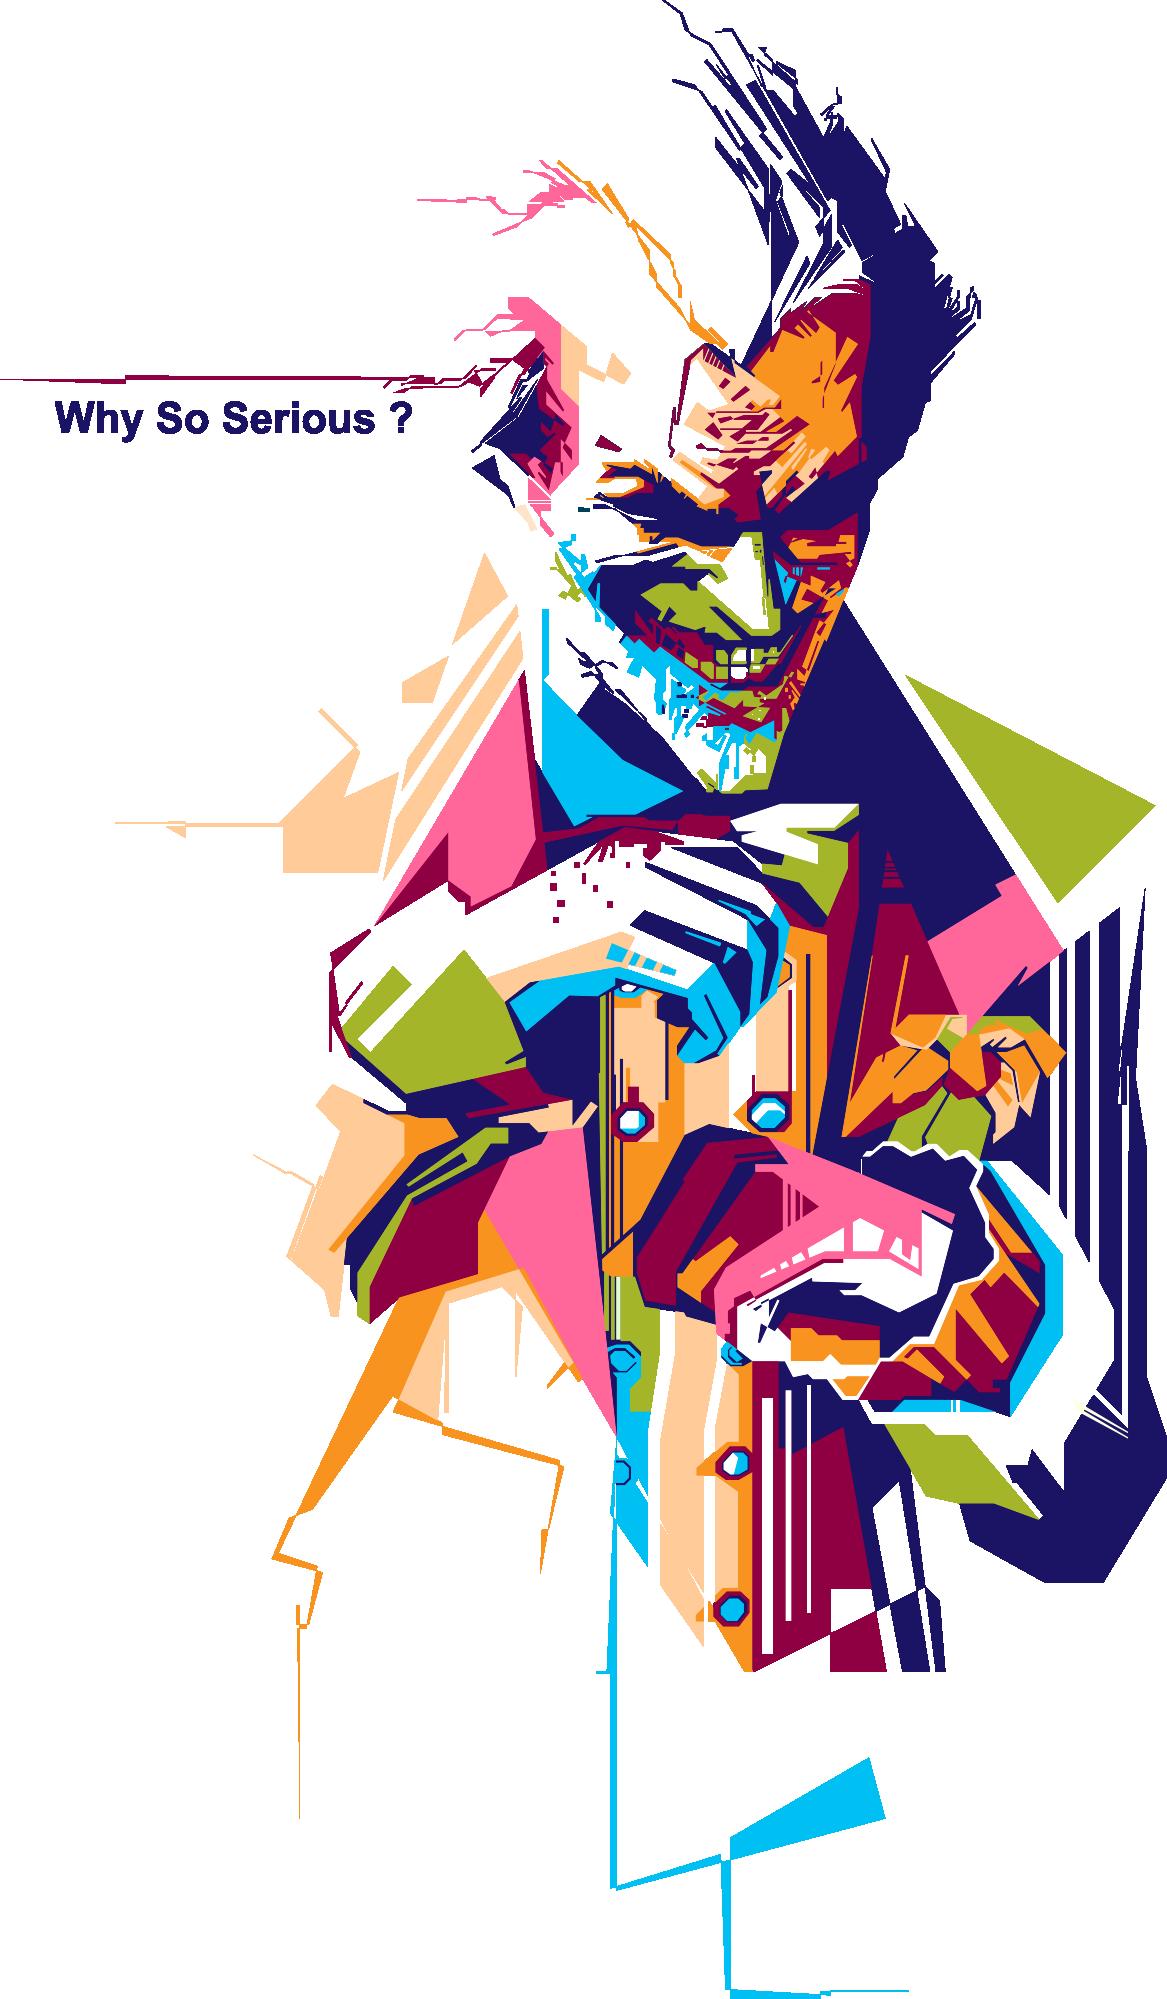 Joker Cartoon Wallpaper Hd , HD Wallpaper & Backgrounds